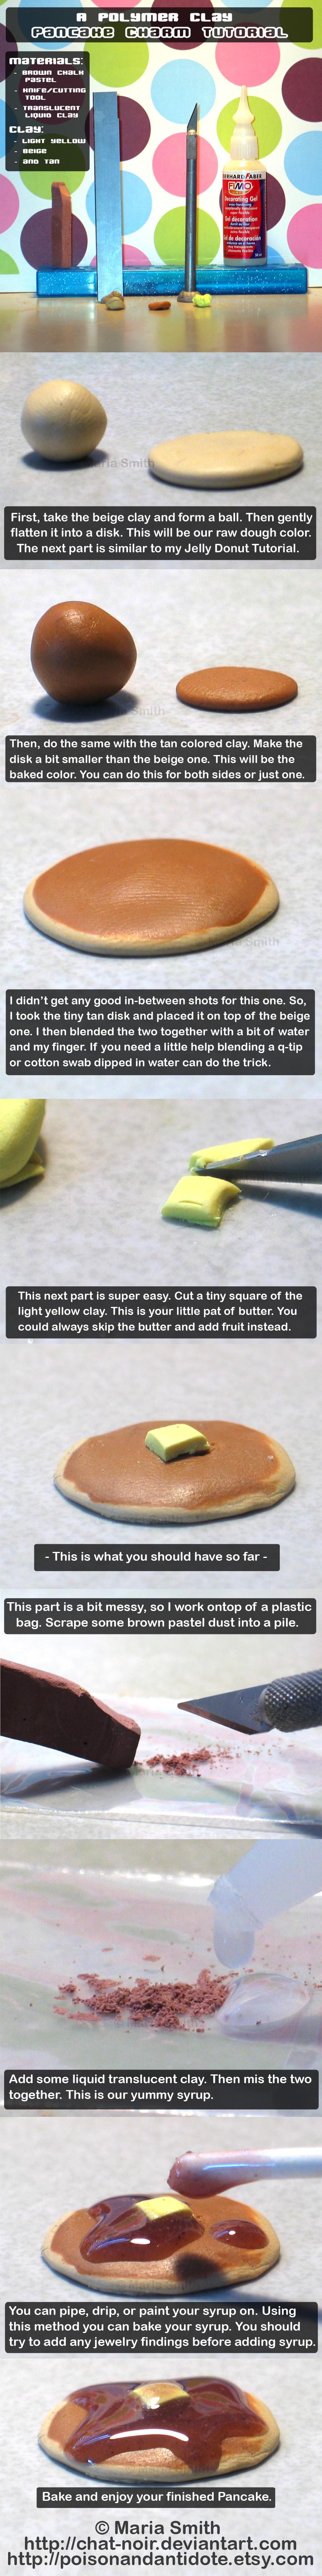 Polymer Clay Pancake Tutorial